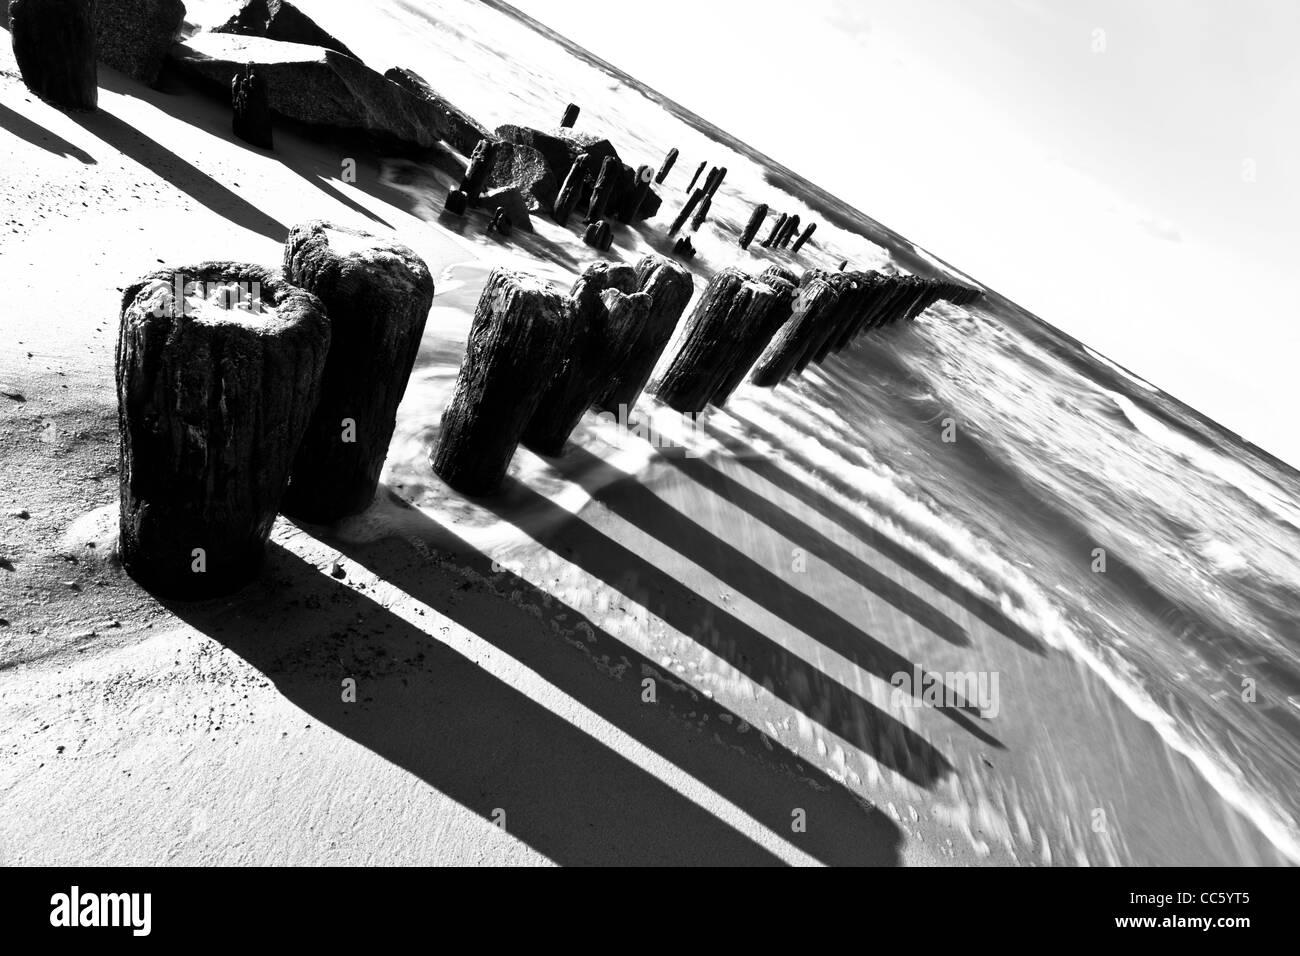 Breakwaters on the beach in Niechorze. - Stock Image